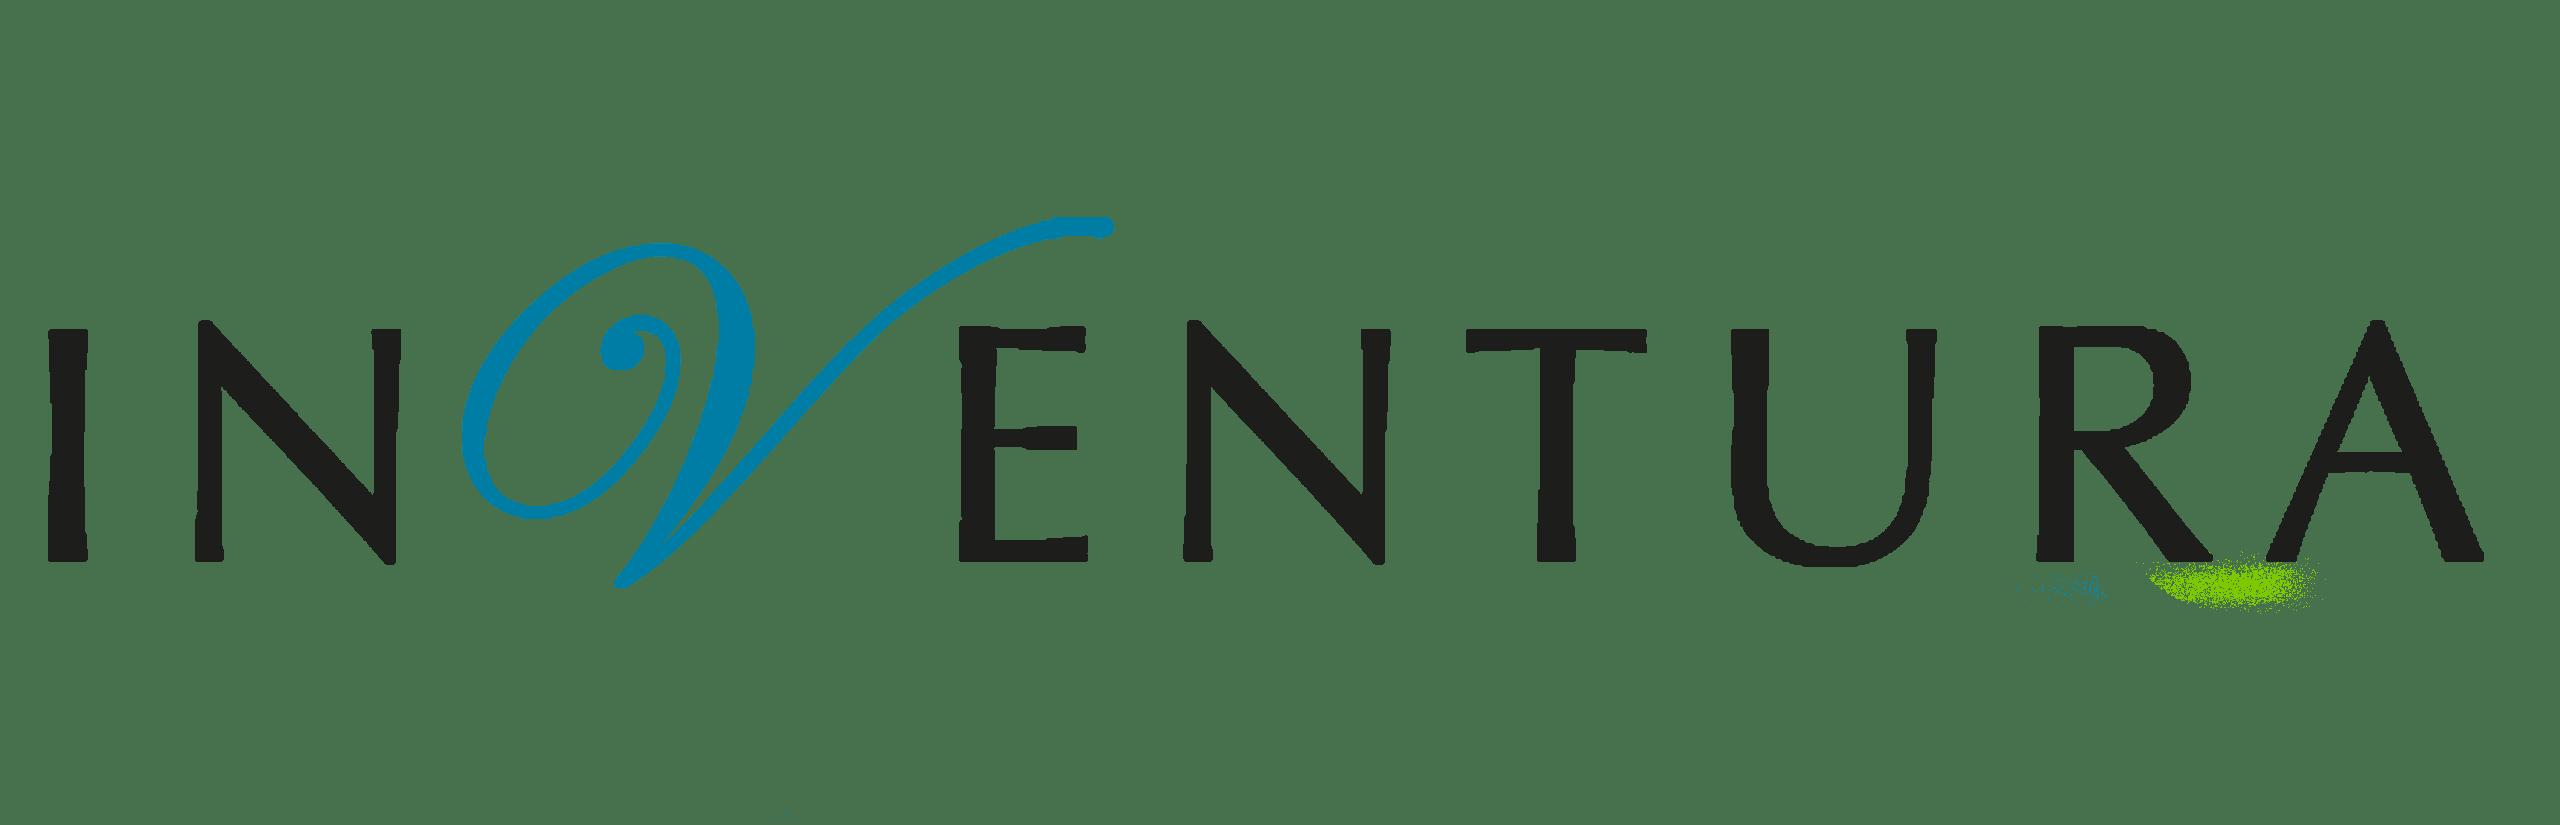 Inventura GmbH